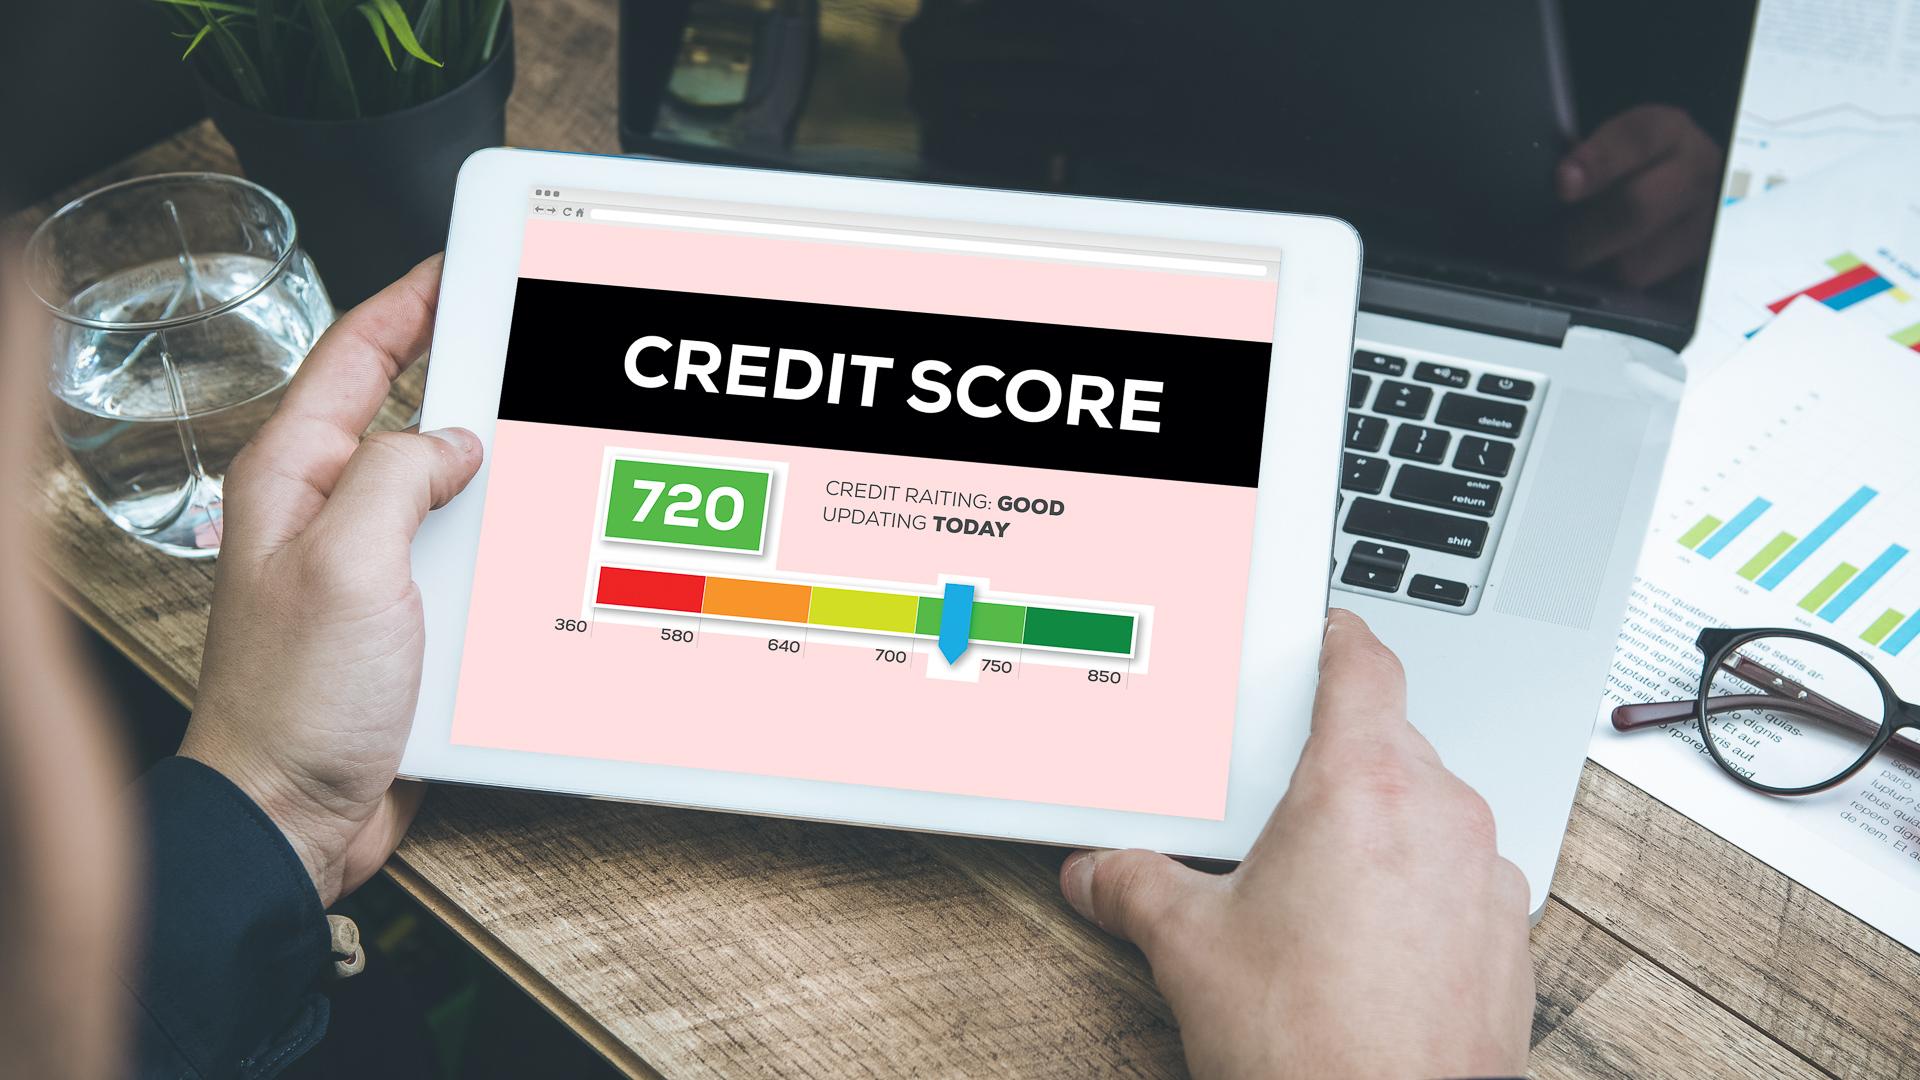 chto-takoe-kreditnyj-rejting_7